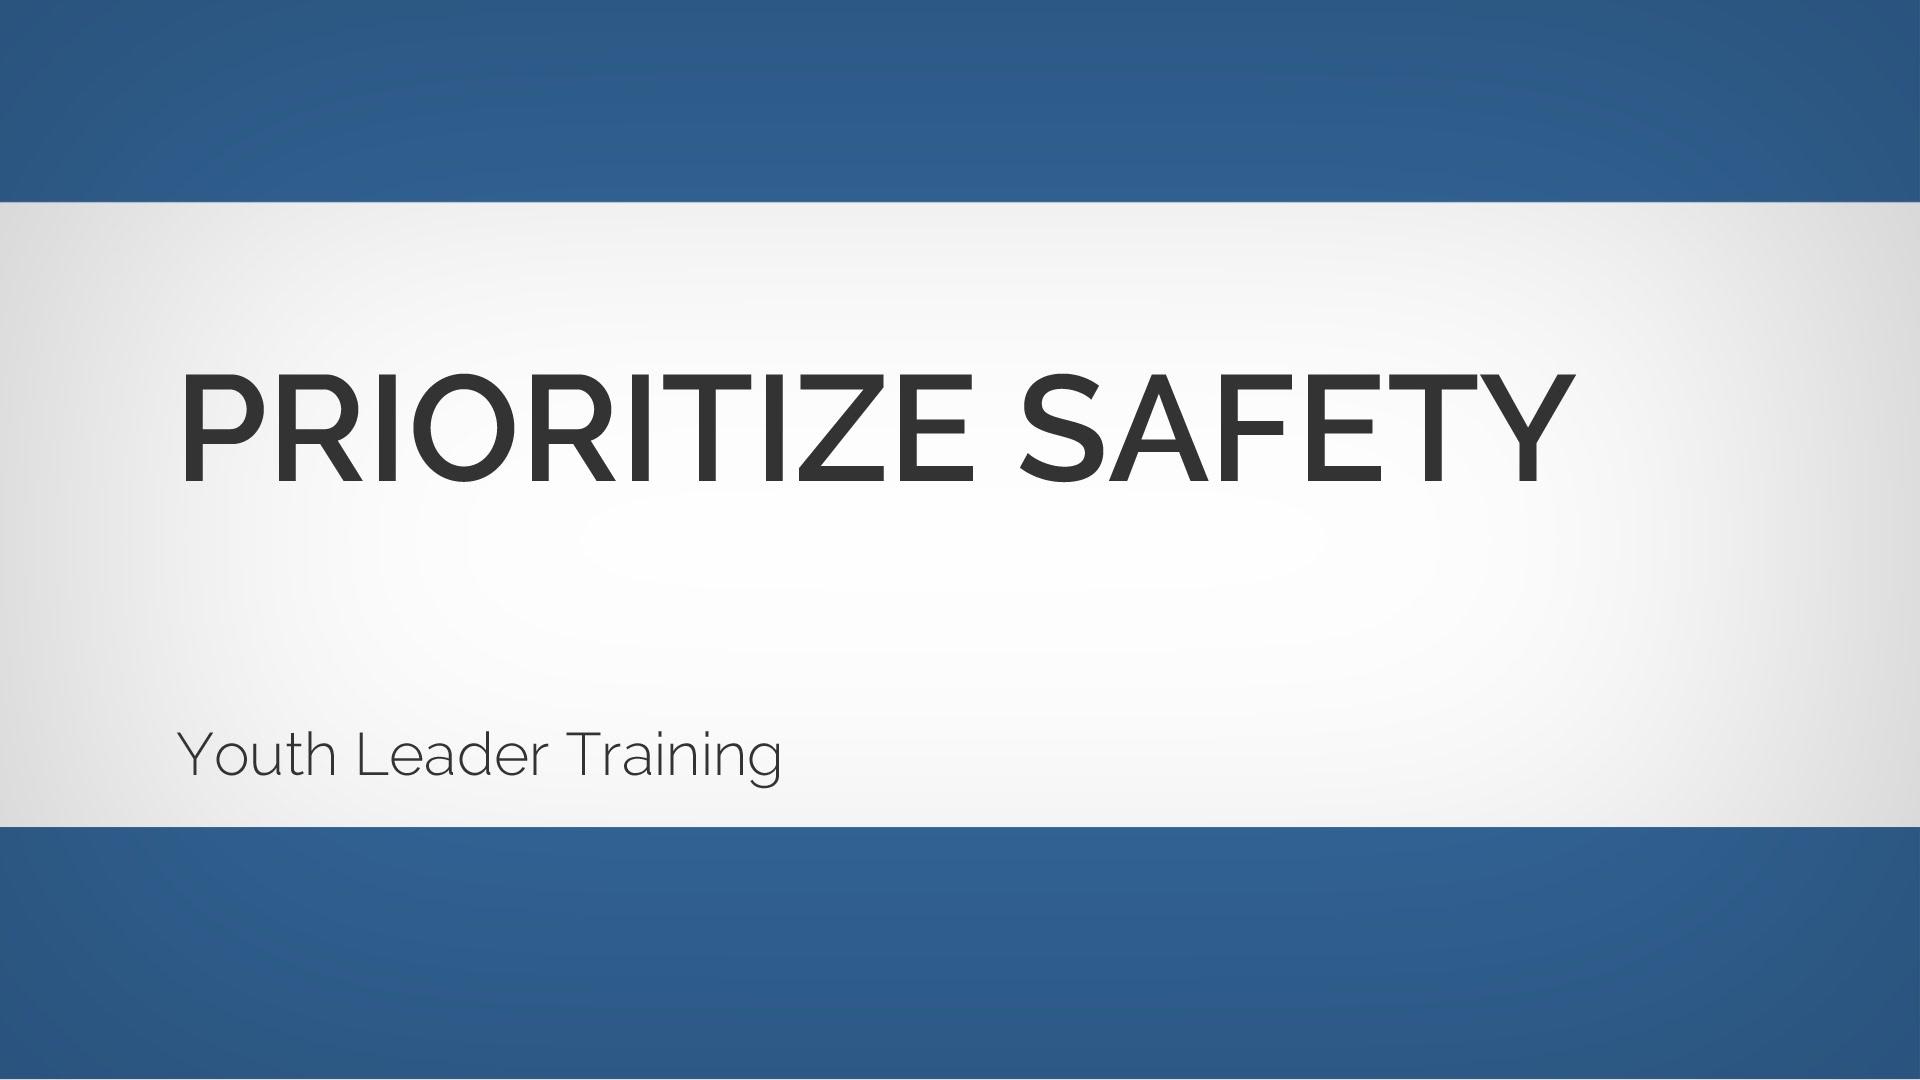 青少年リーダー養成:安全の優先順位付け